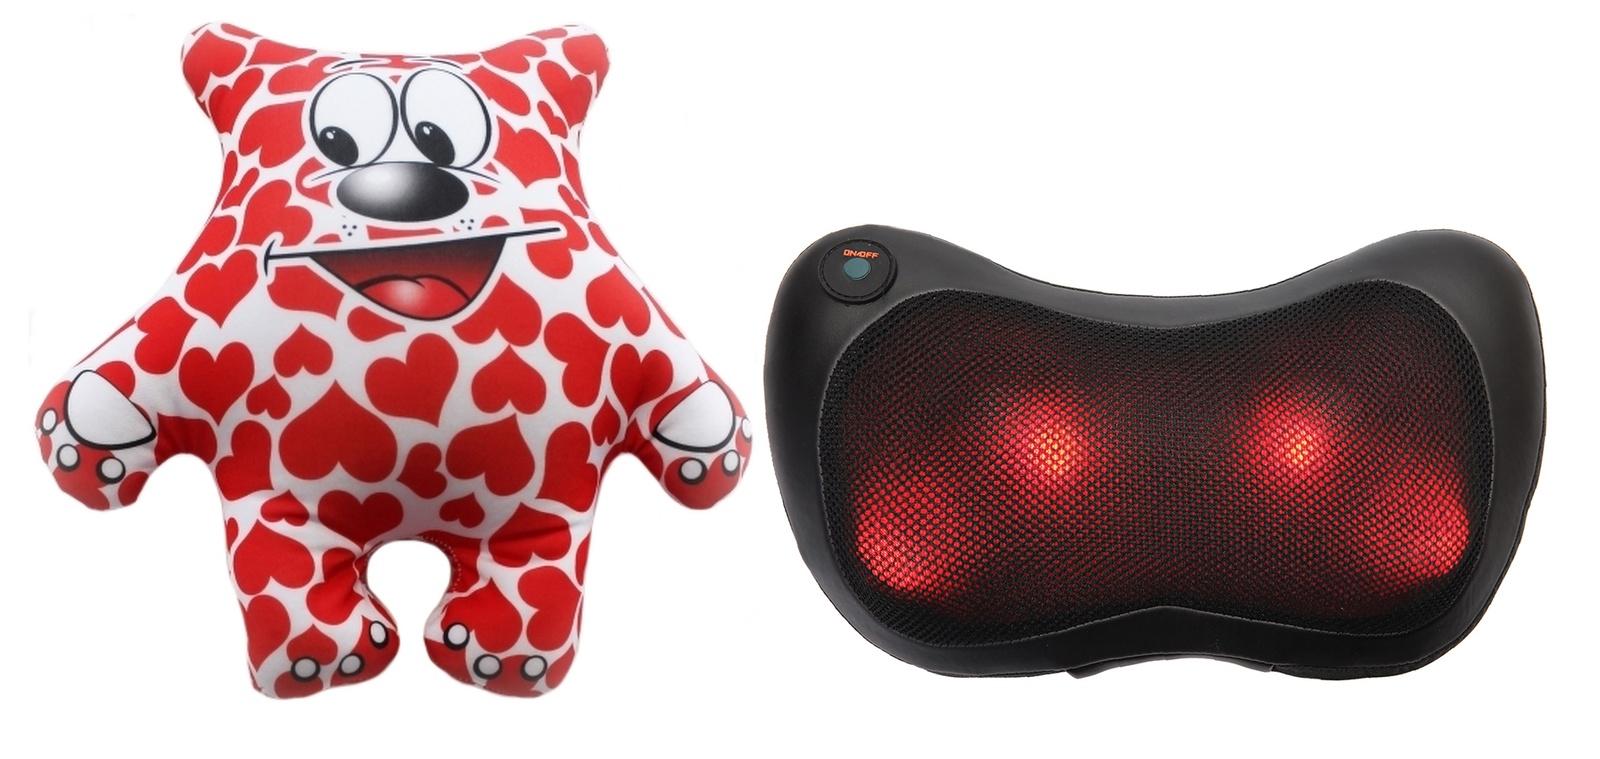 Игрушка антистресс PROFFI подушка детская Мишка inLove + подушка-массажёр Relax с подогревом красный, черный, белый